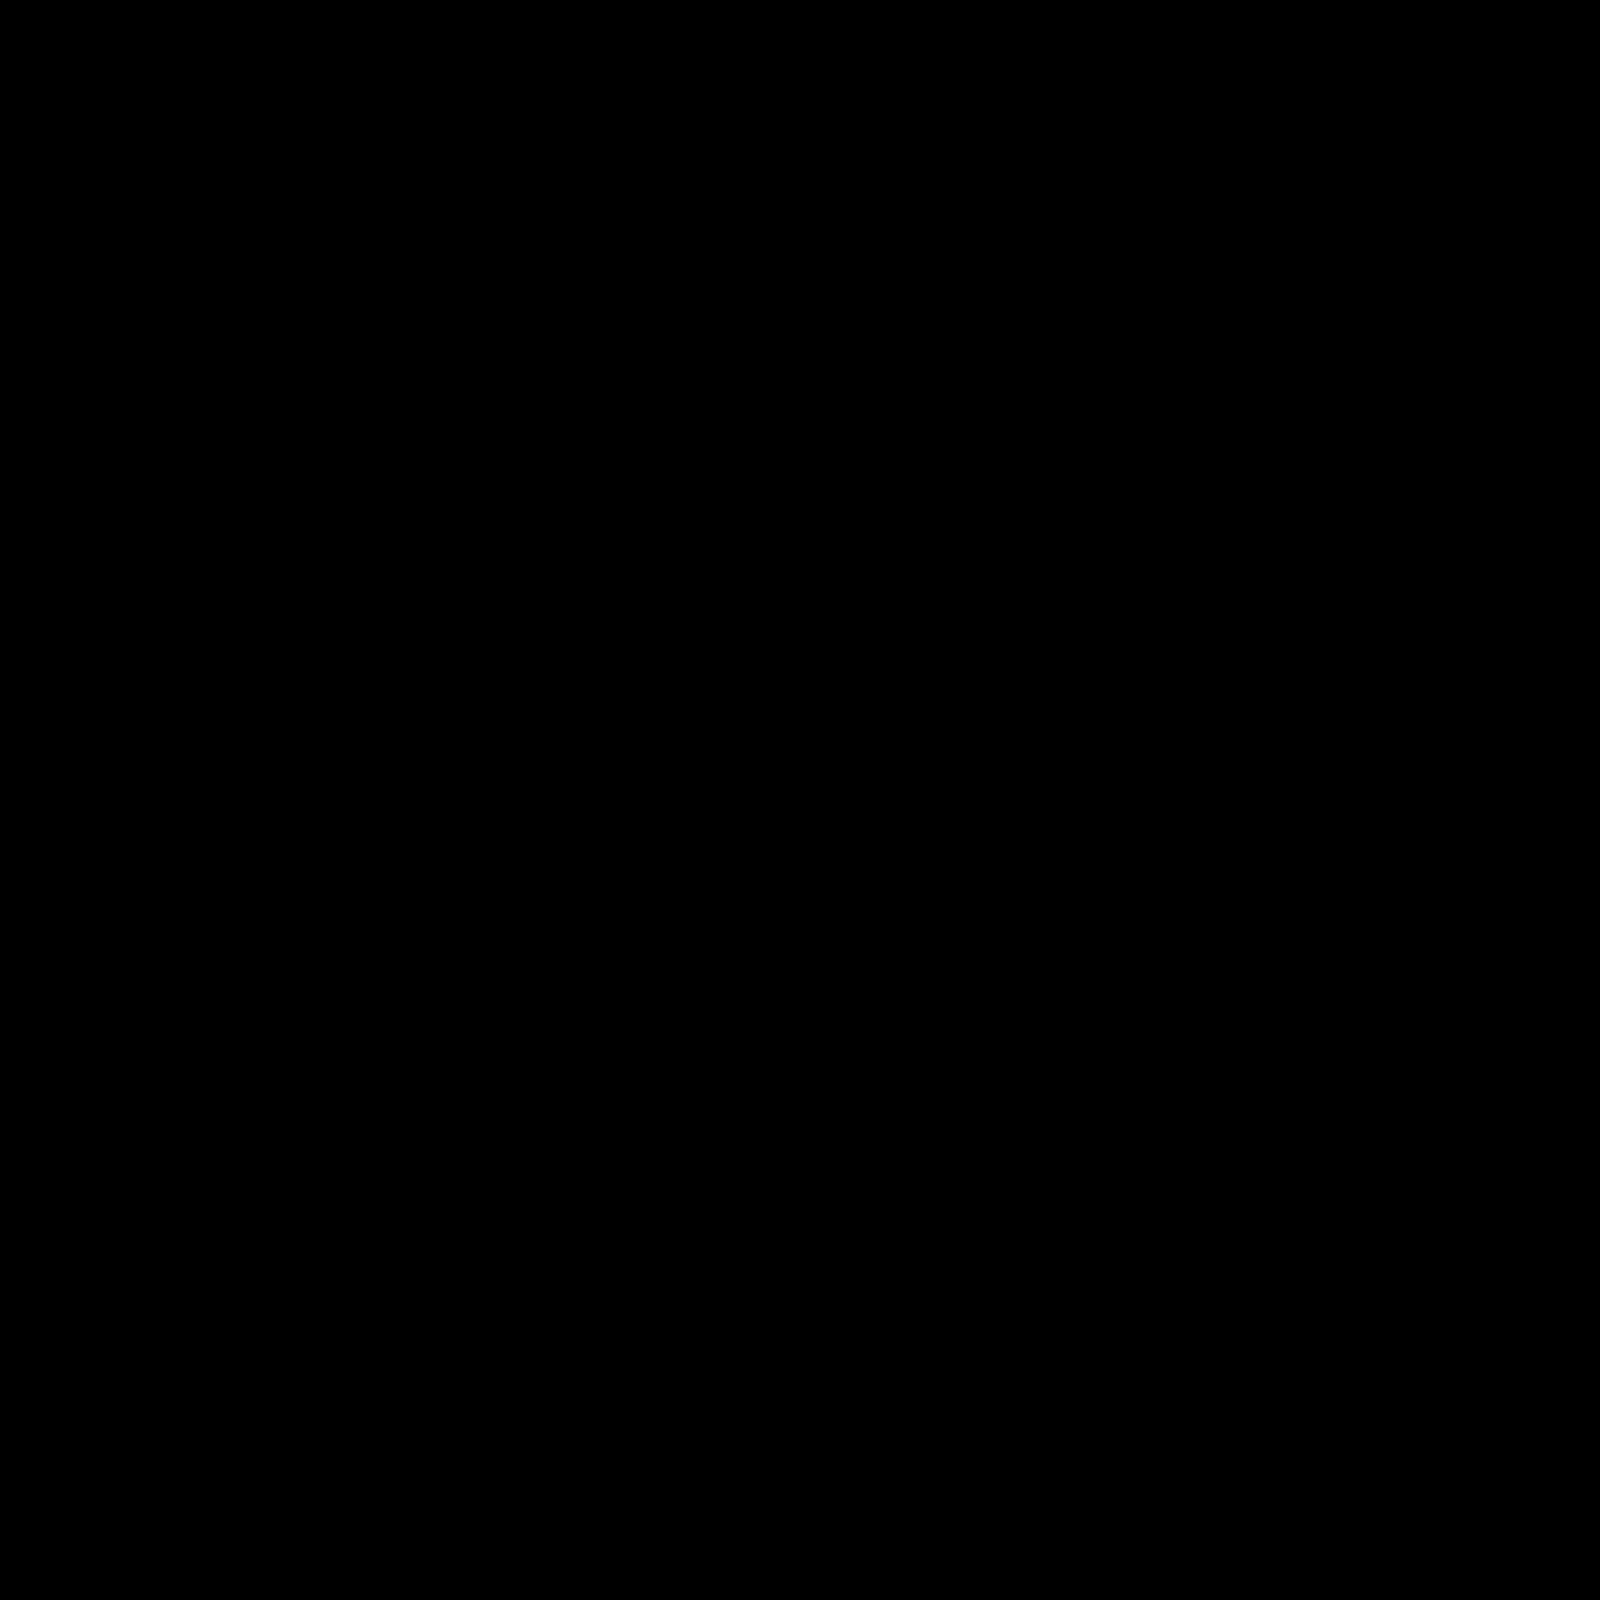 パンケーキ icon. This looks like a stack of four pancakes. There is a puddle of syrup on top of the pancakes, dripping down the side.